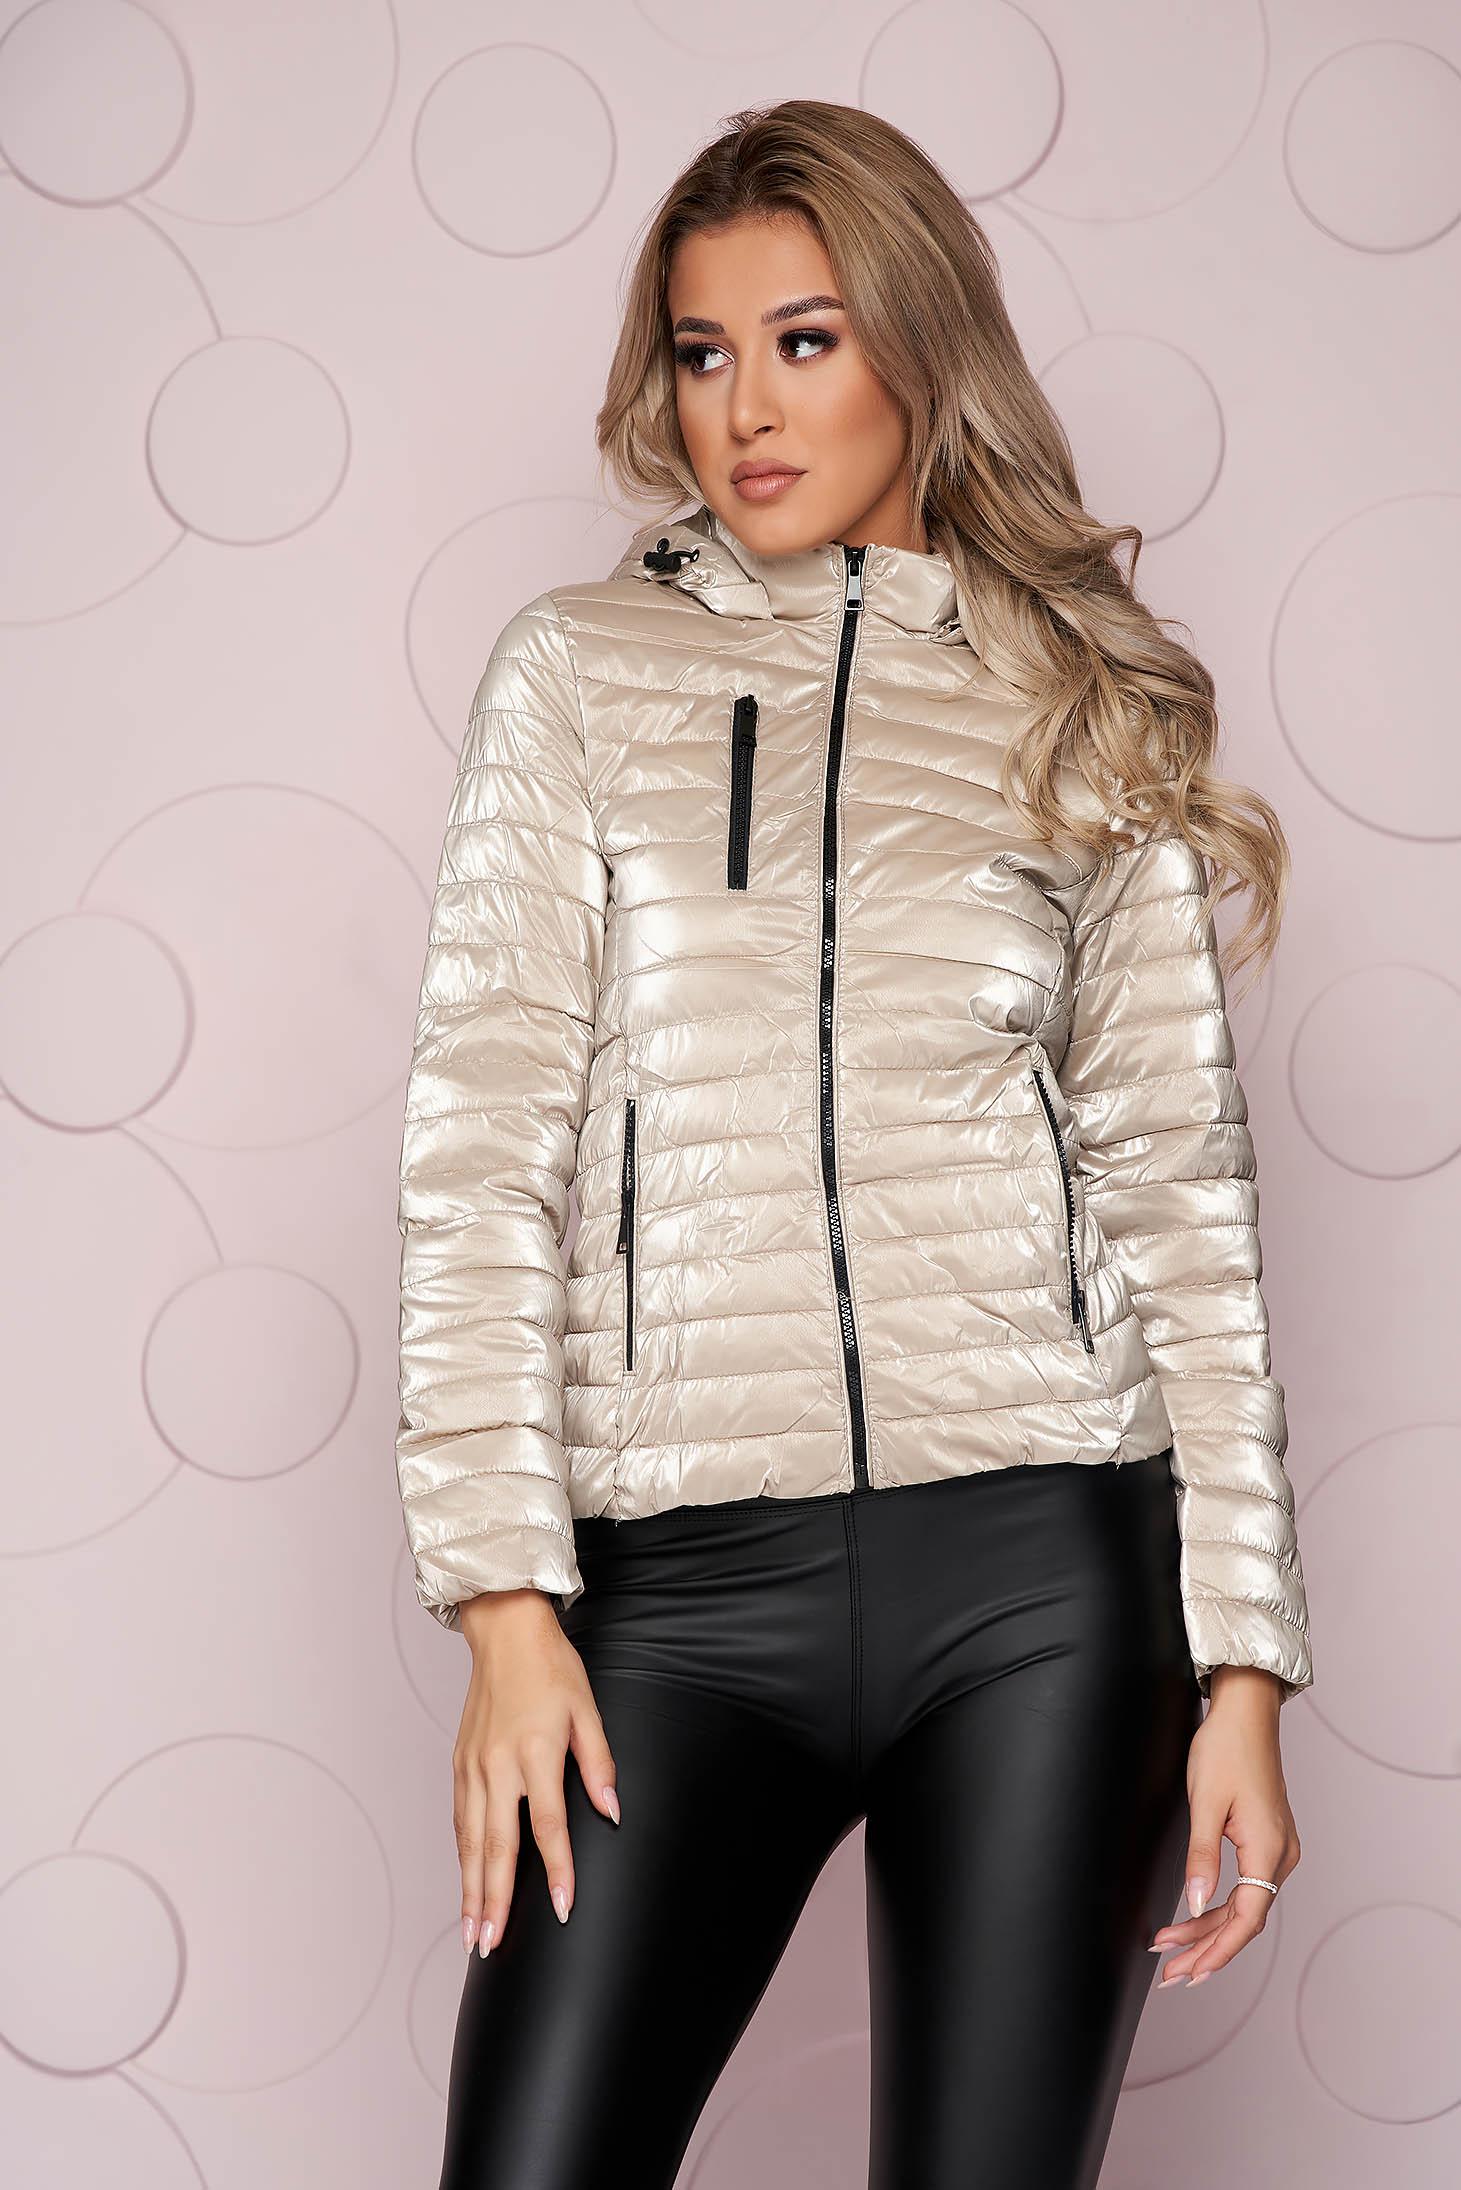 Rövid karcsusított szabású ezüstszínű dzseki steppelt fényes anyagból eltávolítható kapucnival